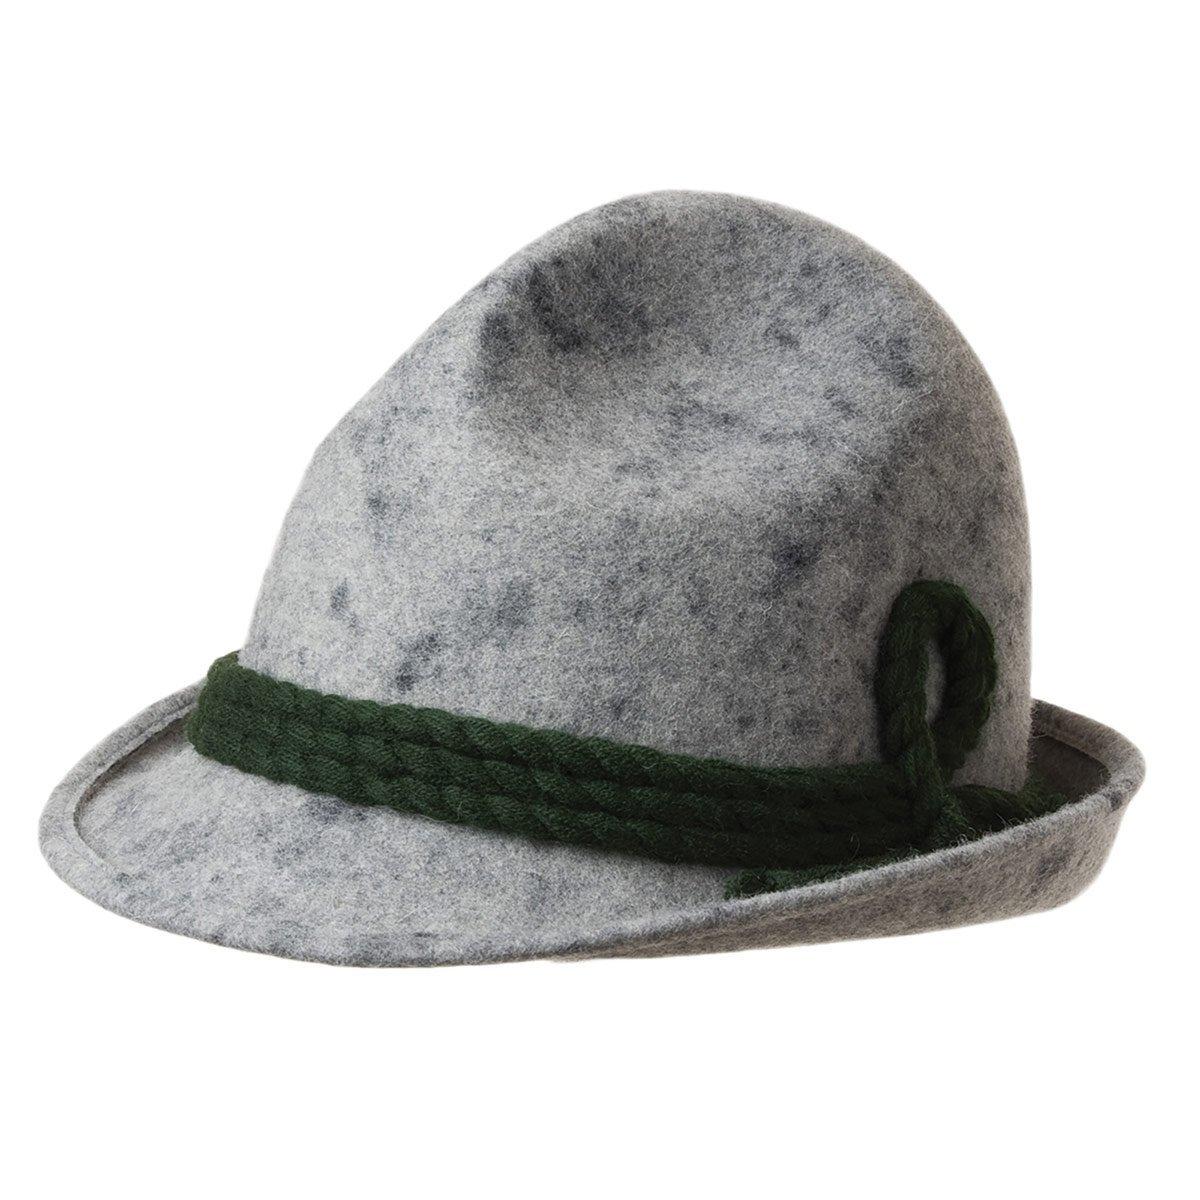 Cappello in feltro di lana da cacciatore firmato HUTTER f3cb7925fe18